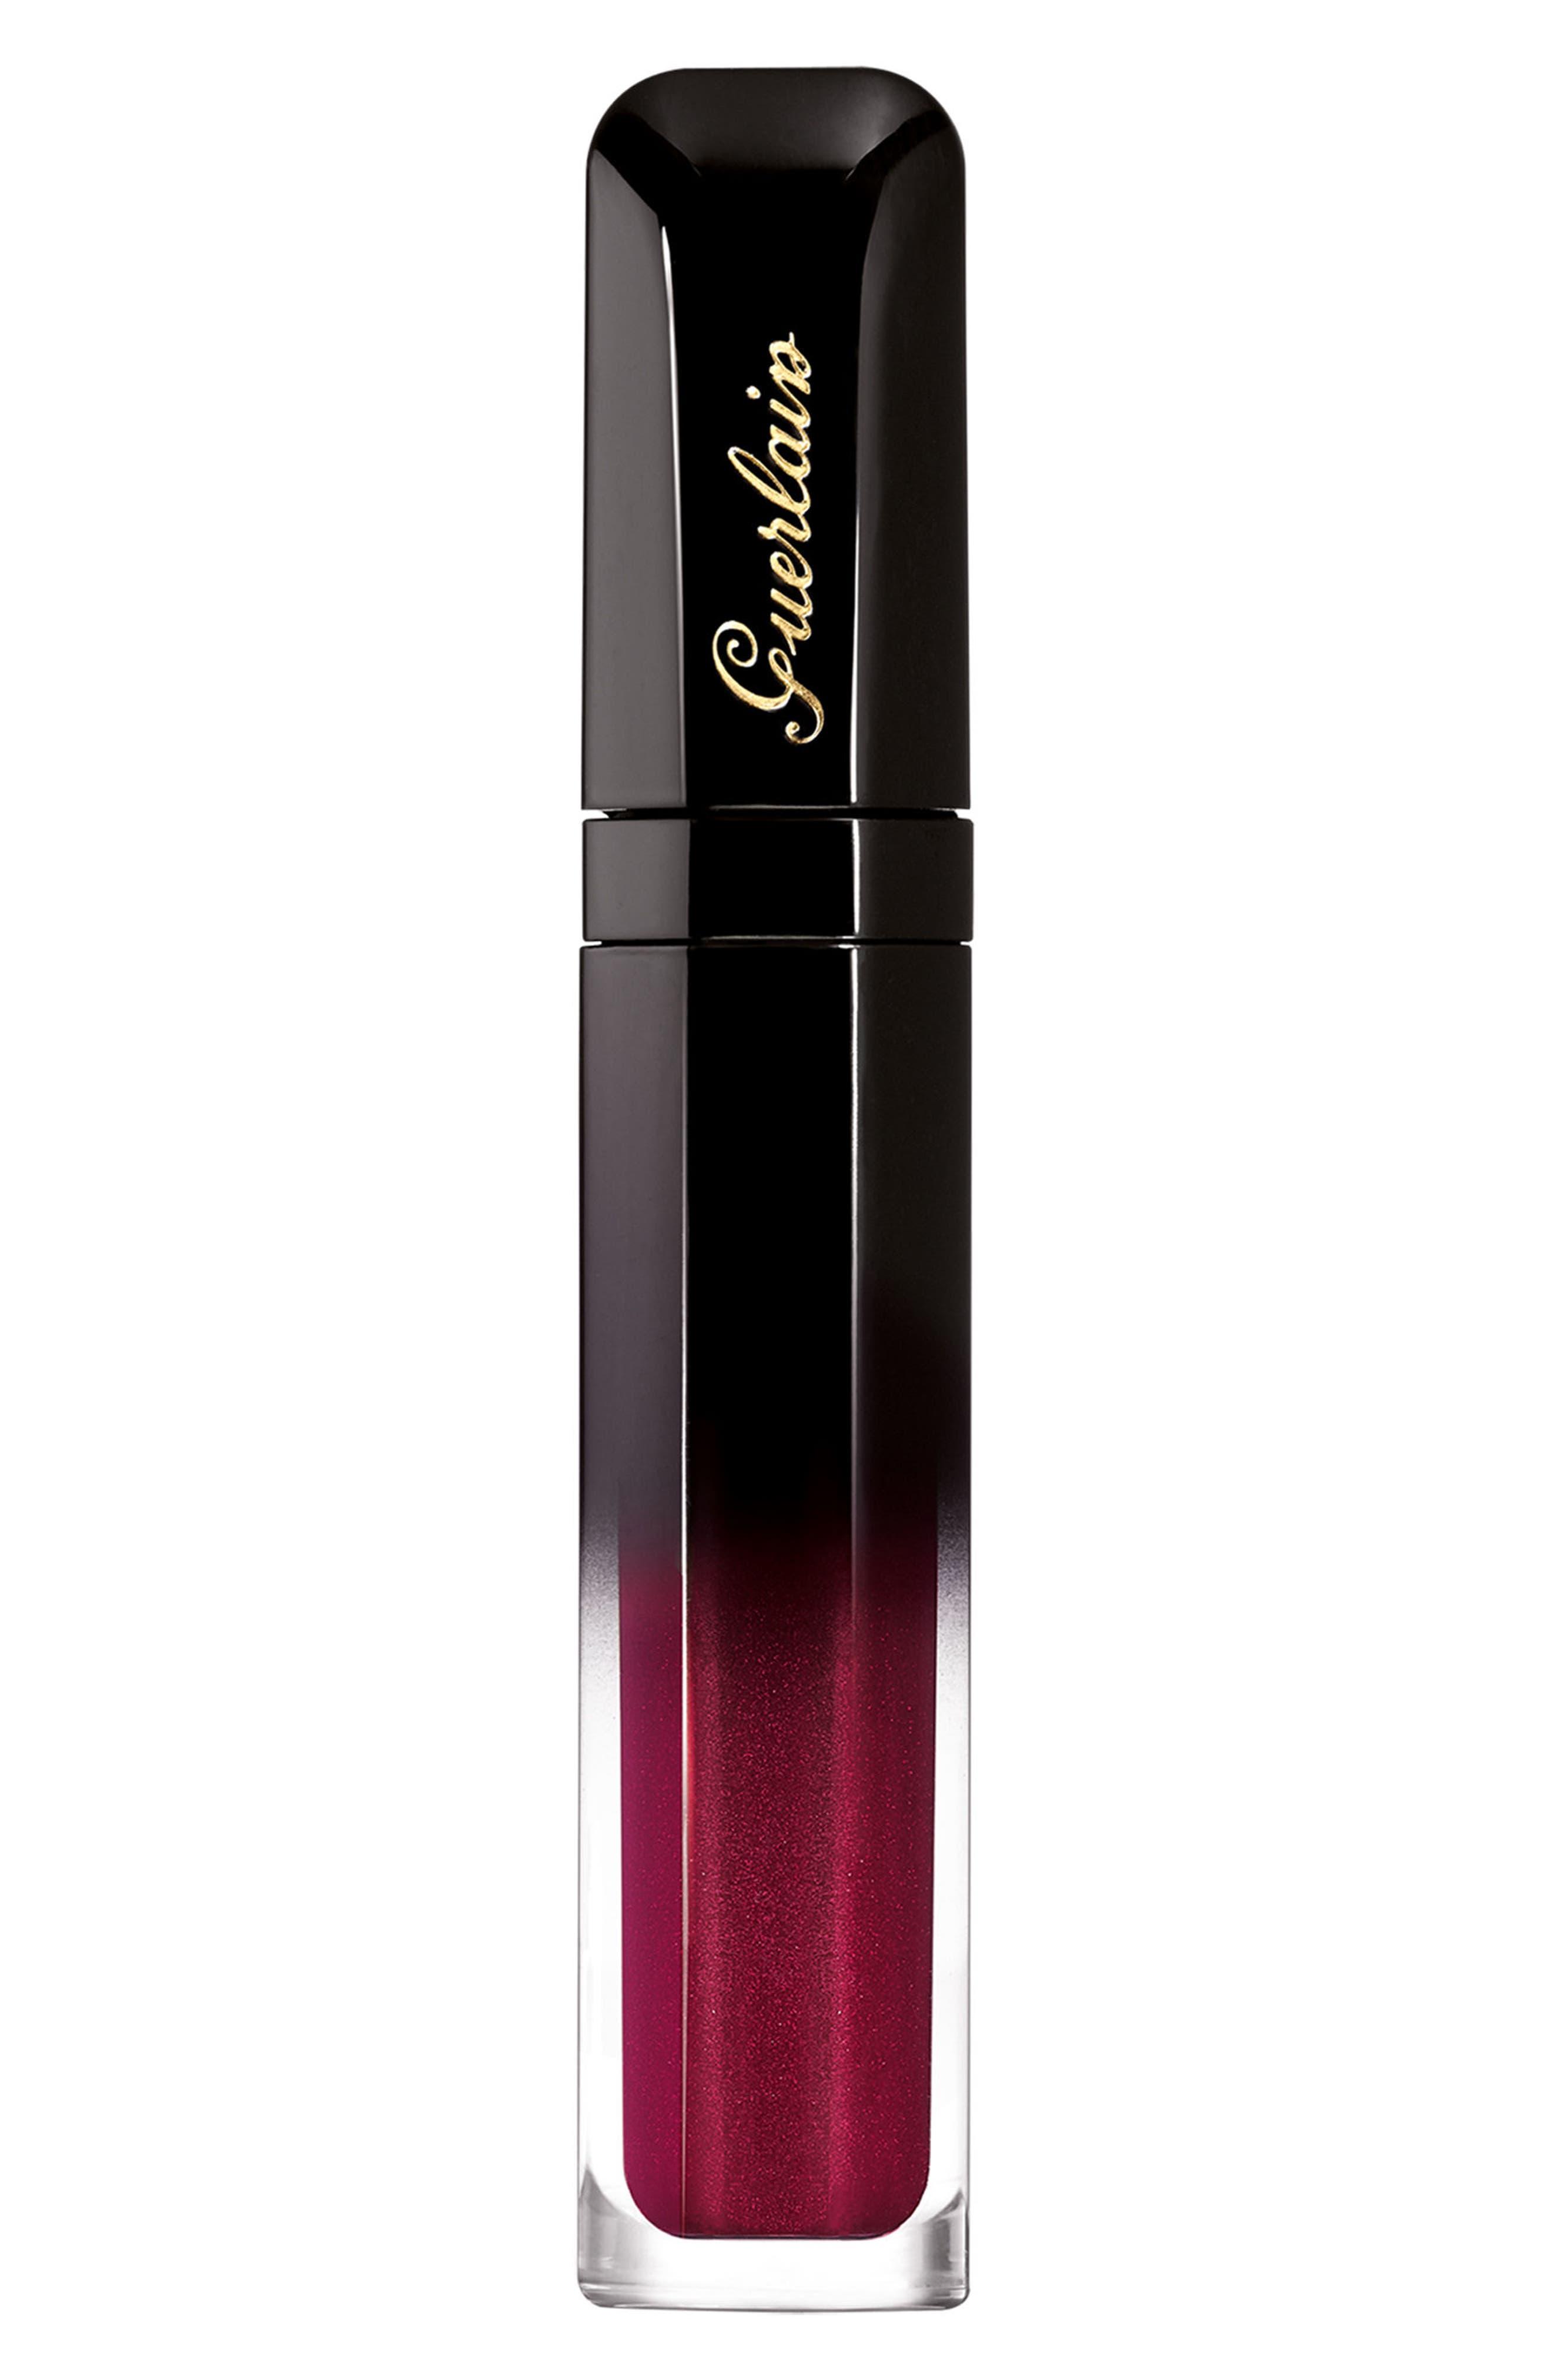 Guerlain Intense Liquid Matte Liquid Lipstick